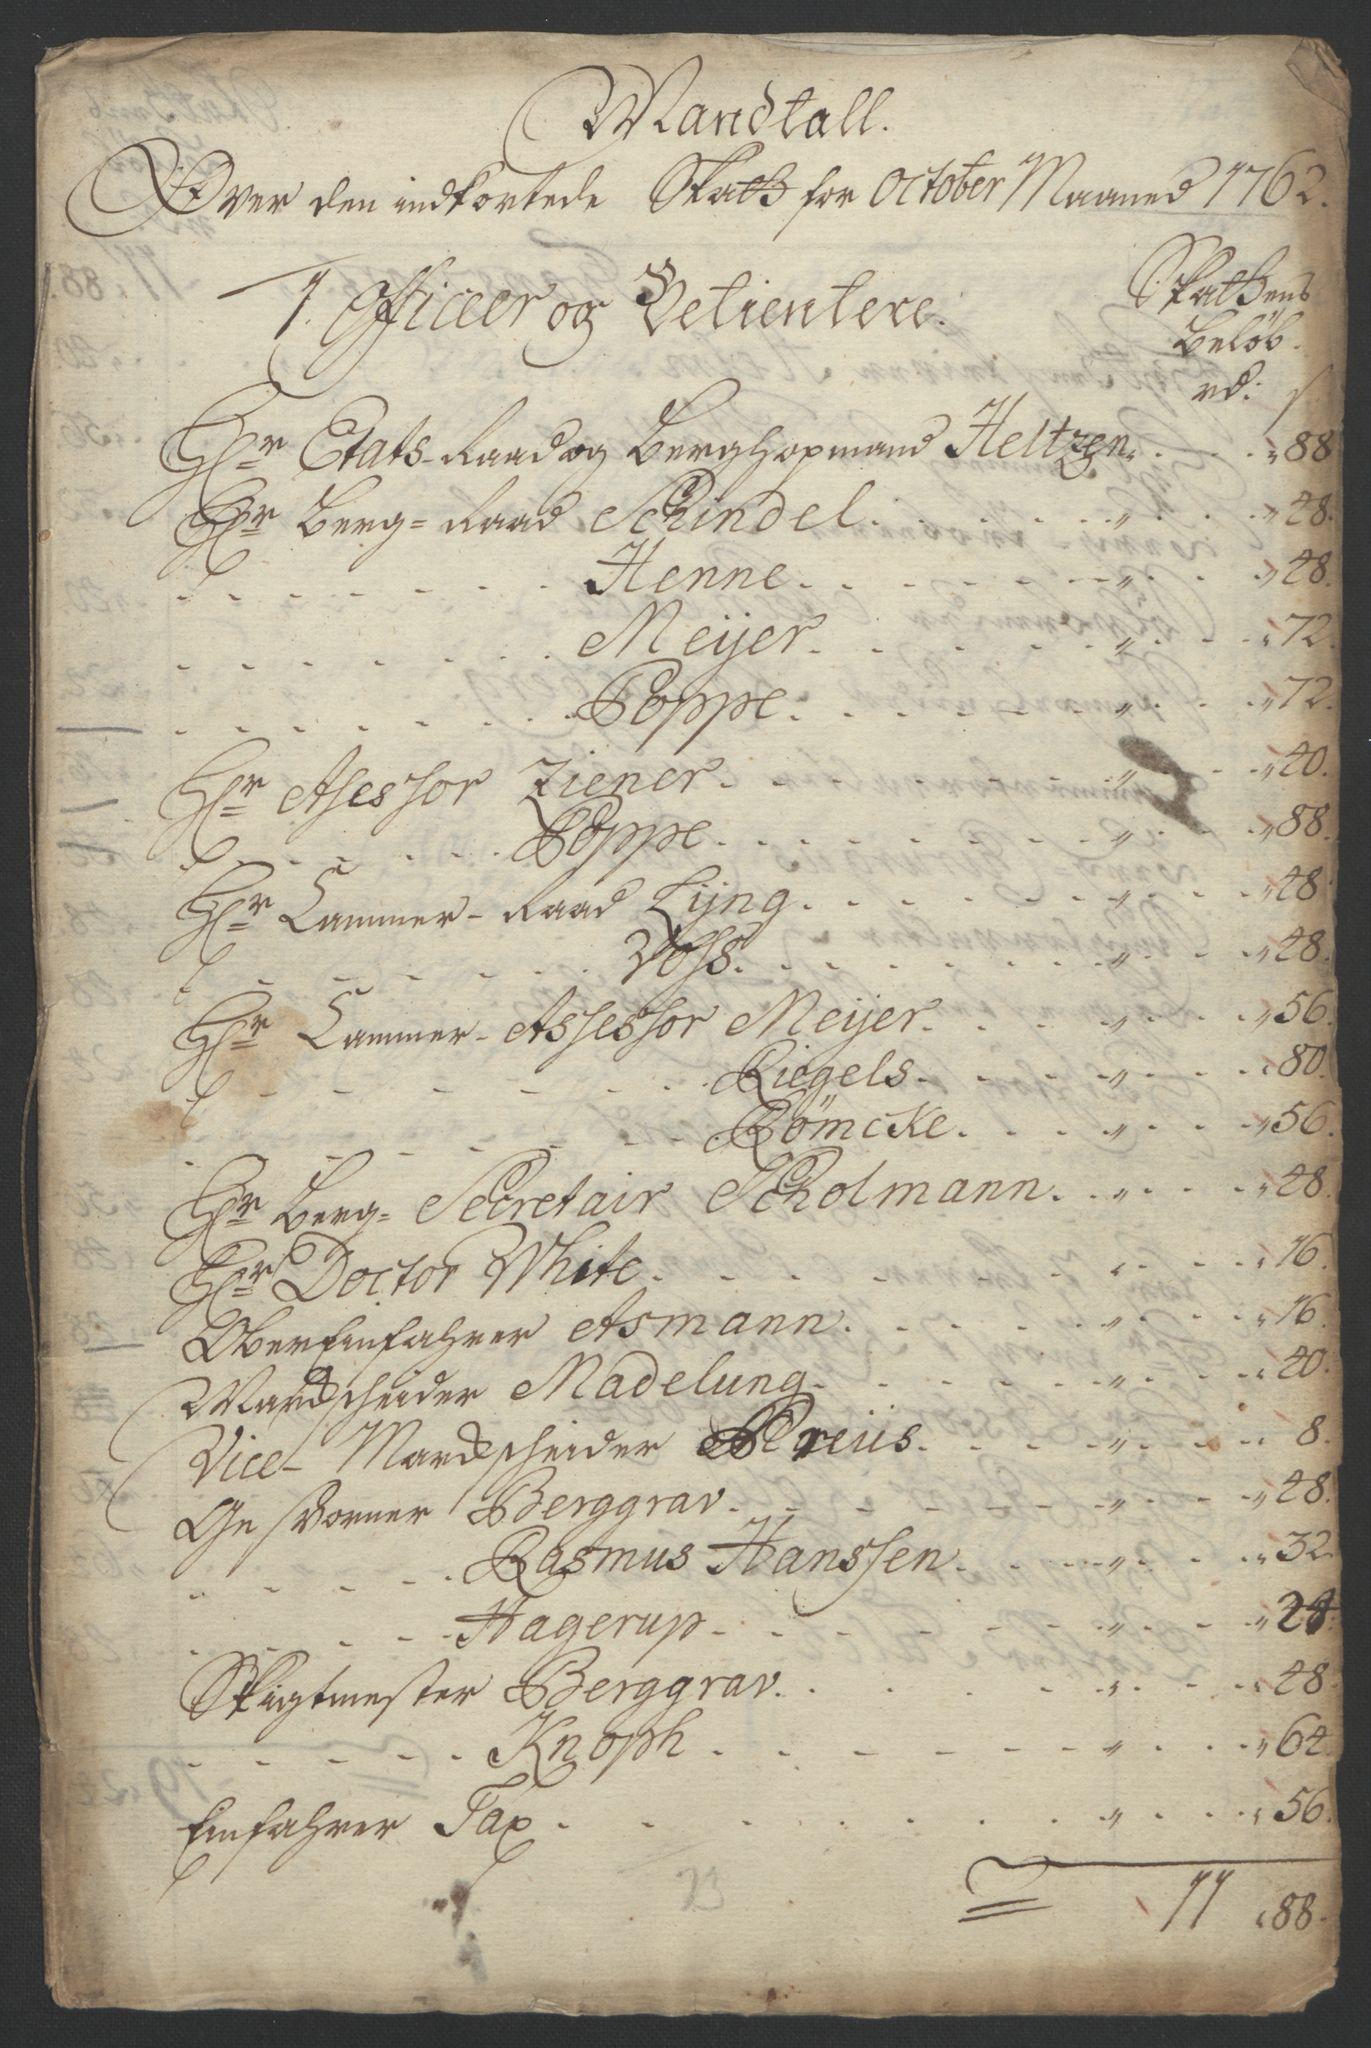 RA, Rentekammeret inntil 1814, Reviderte regnskaper, Bergverksregnskaper, R/Rc/Rca/L0843: Ekstraskatt, 1762-1765, s. 139